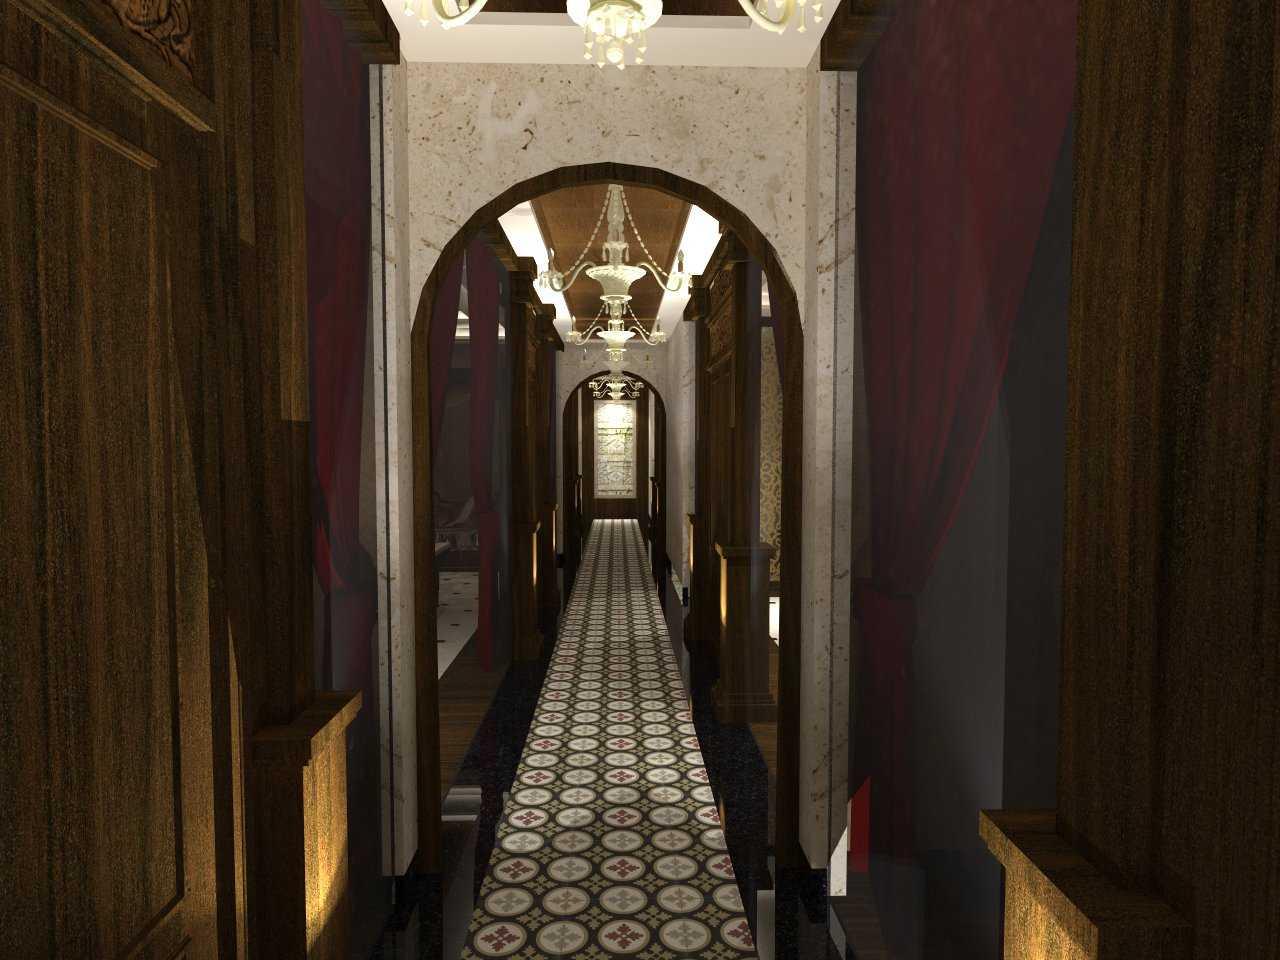 Foto inspirasi ide desain retail tradisional Hallway-view-b-final-02 oleh TMS Creative di Arsitag